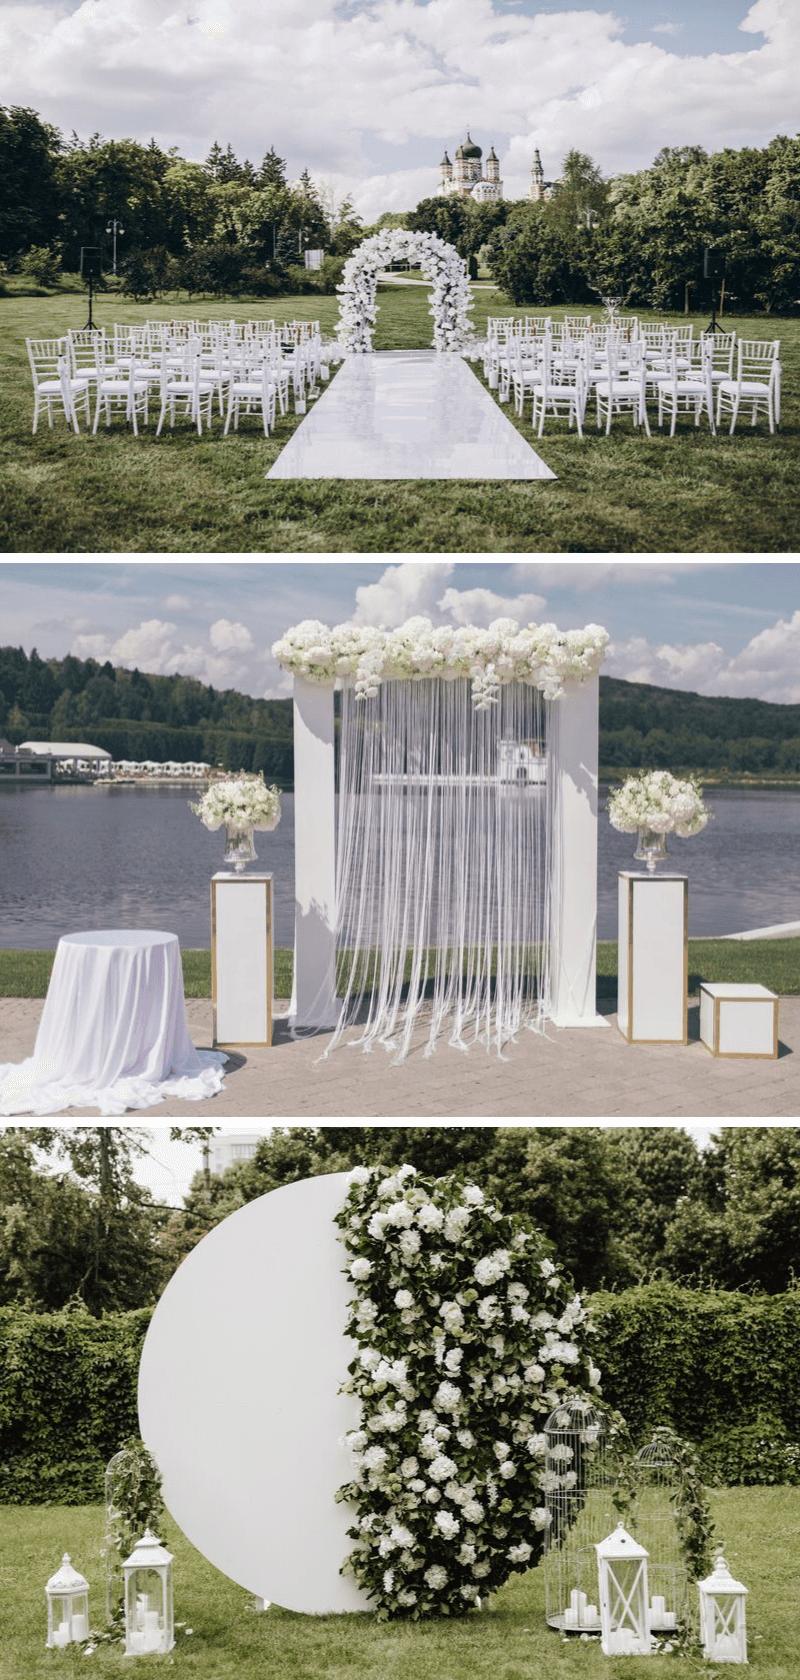 Trauung im Freien, Hochzeitsdeko weiß